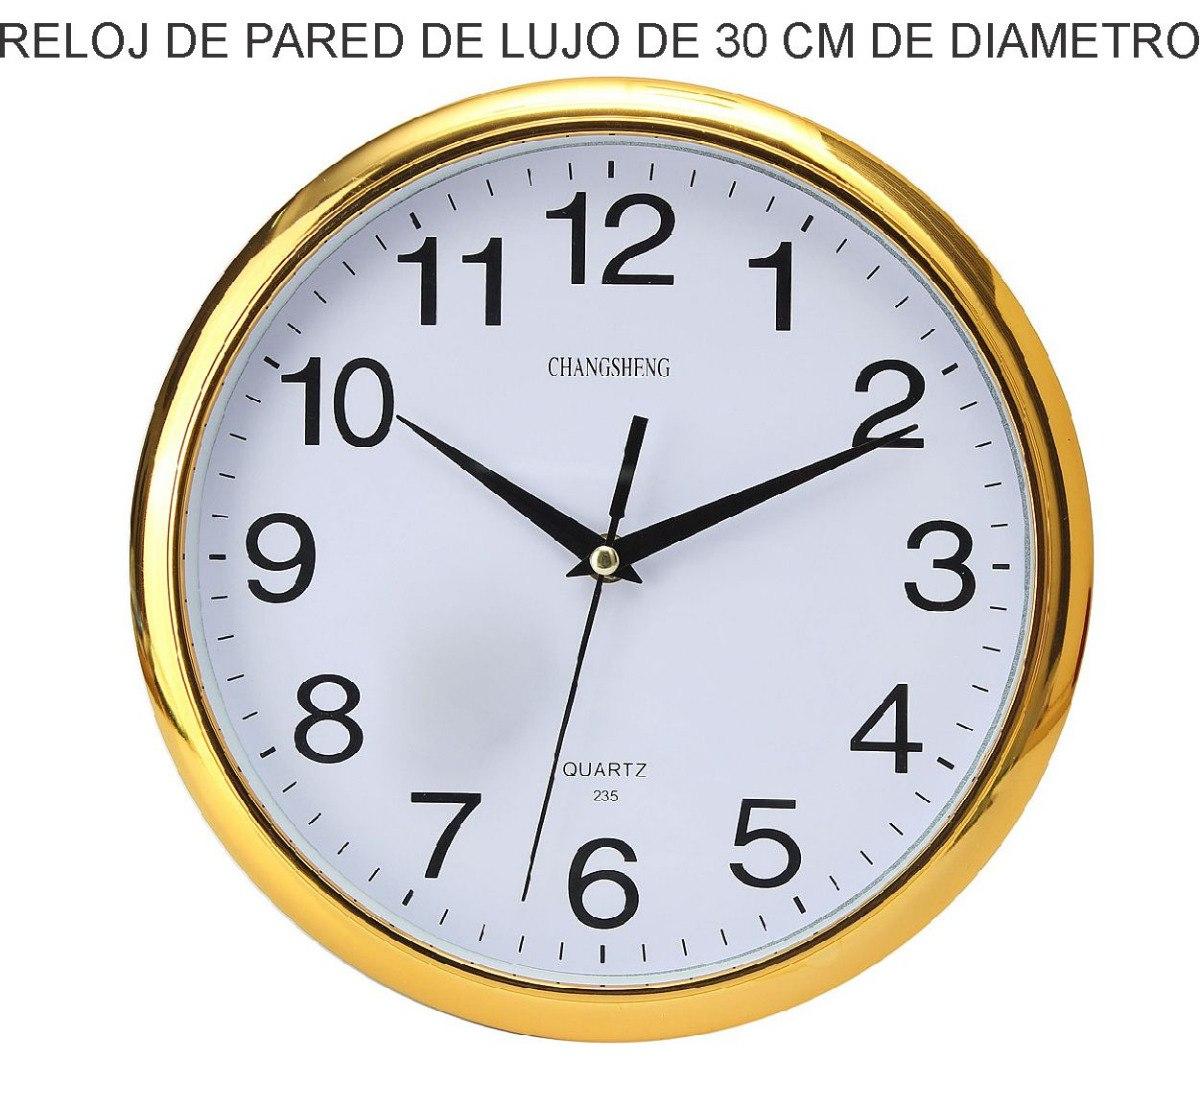 Reloj de pared de lujo cocina regalo empresa logo dorado - Relojes de pared ...